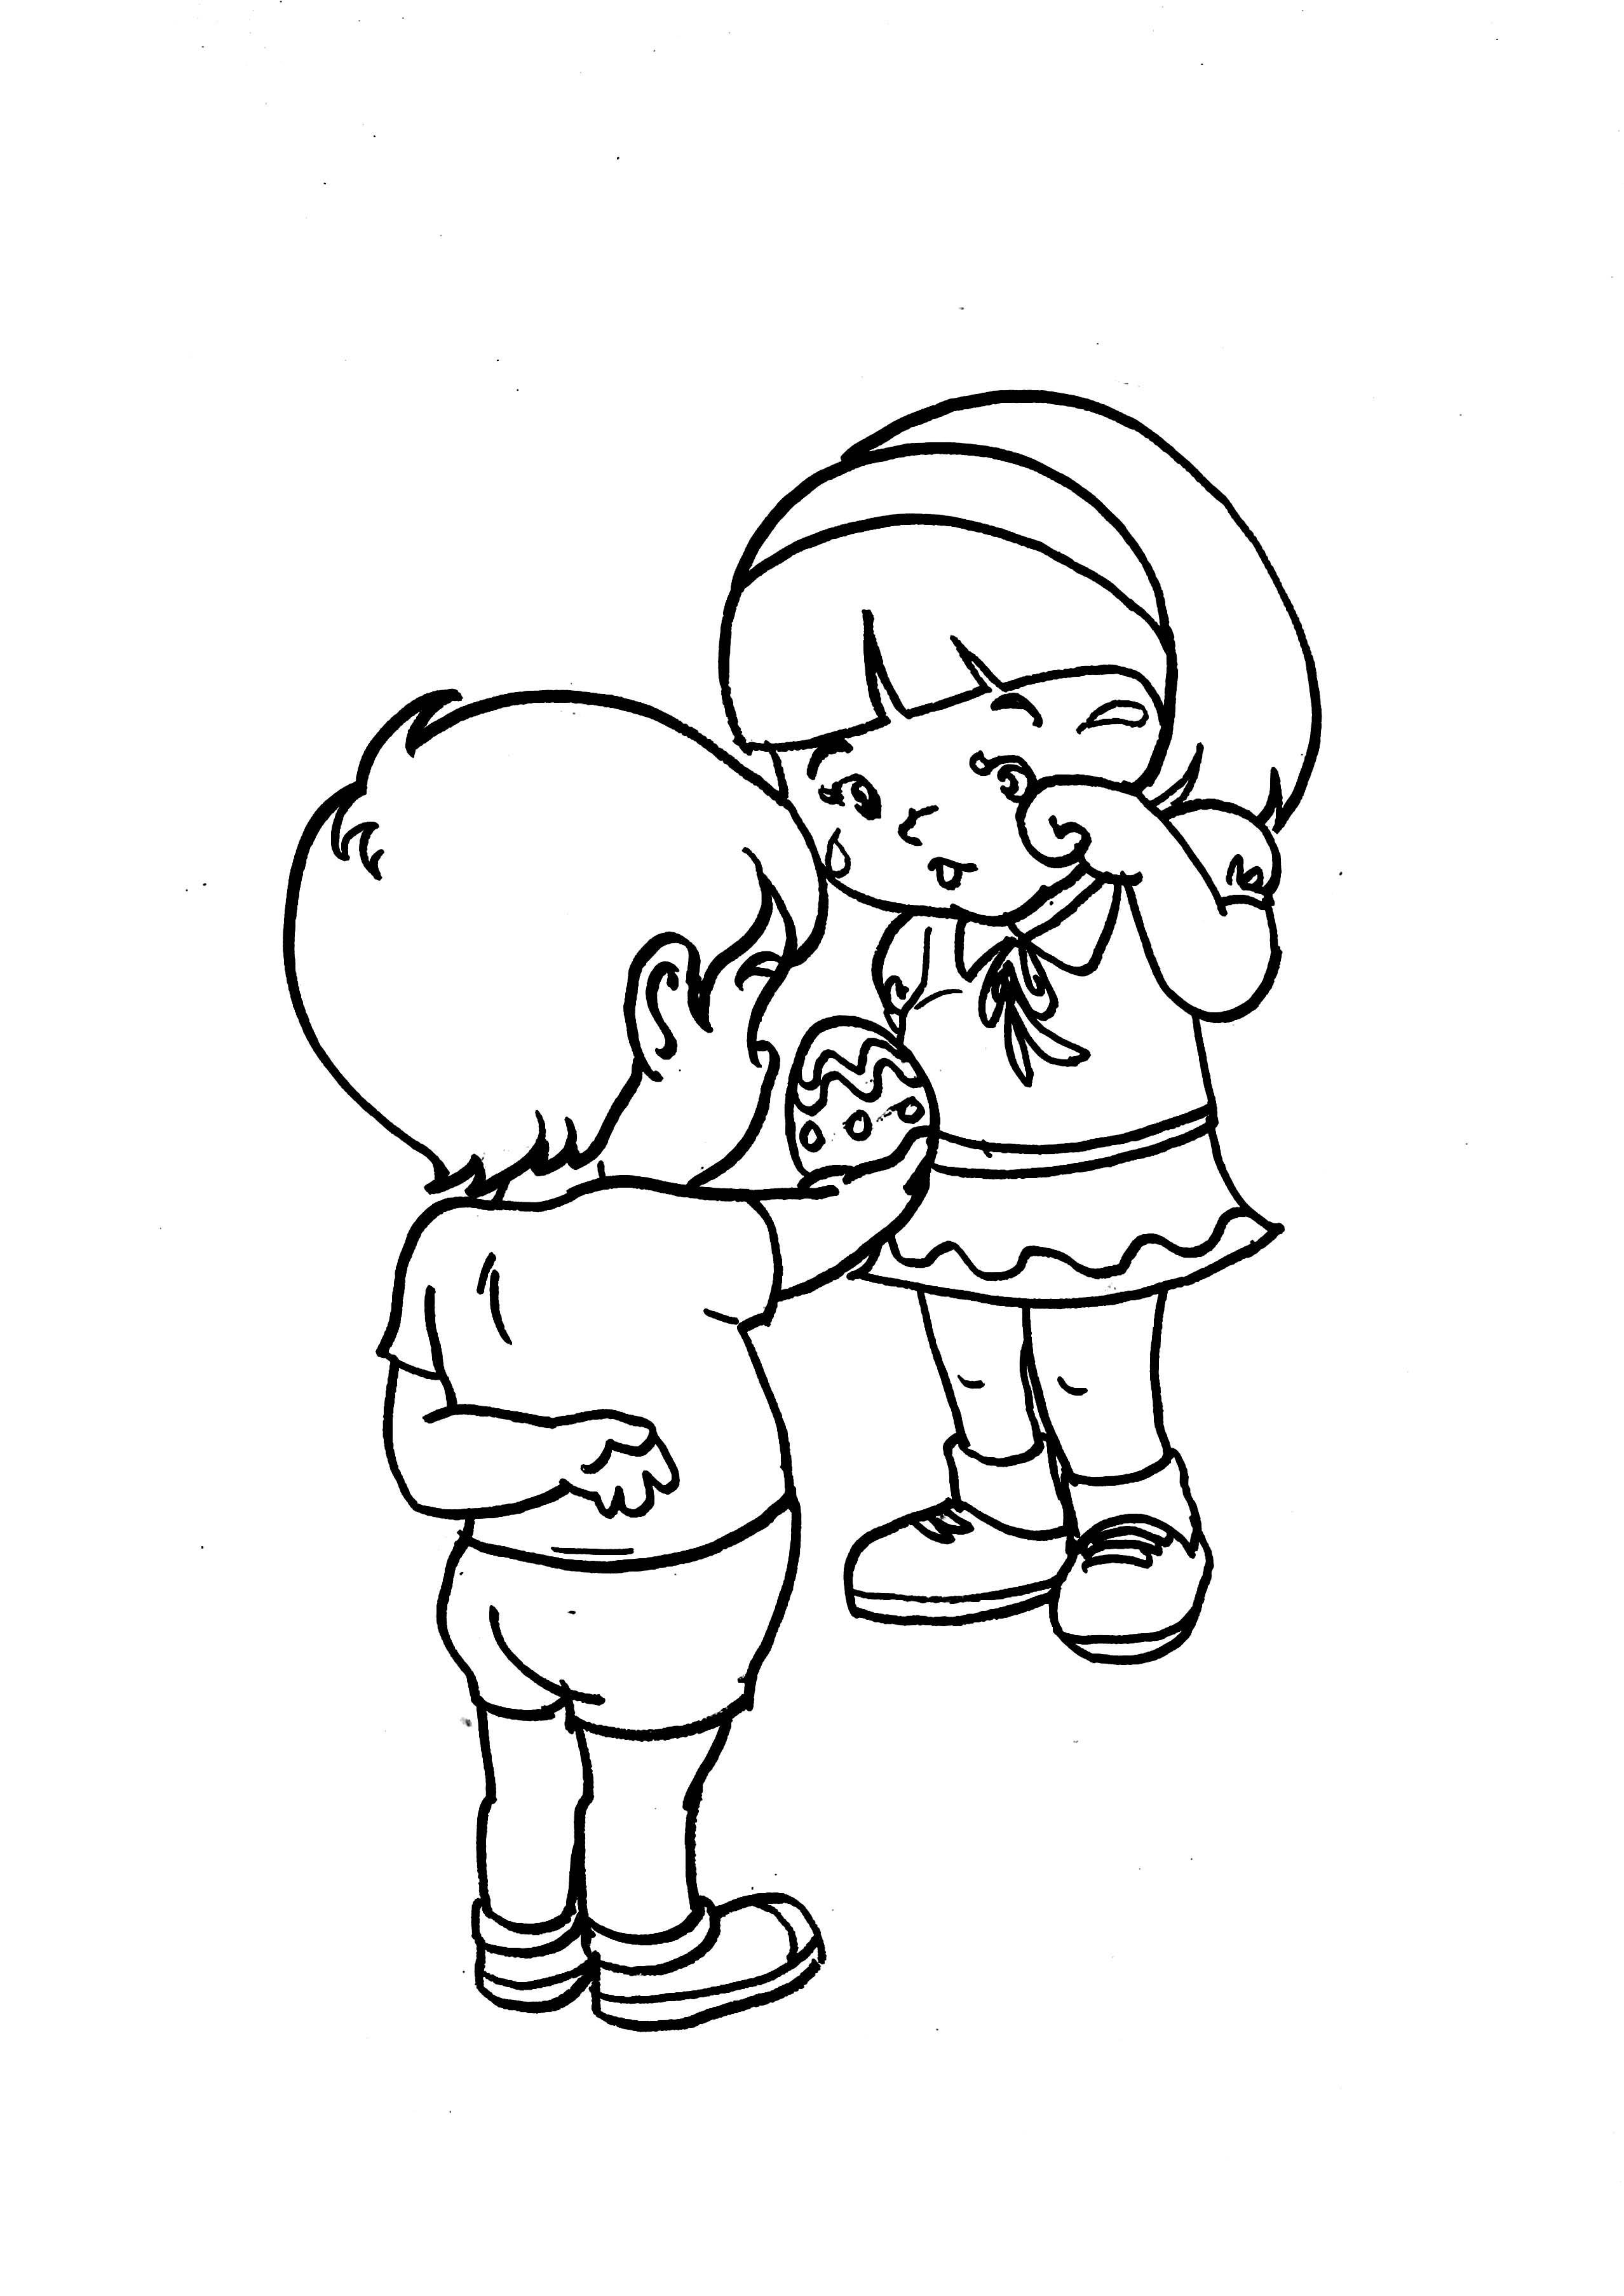 Desenho de amizade